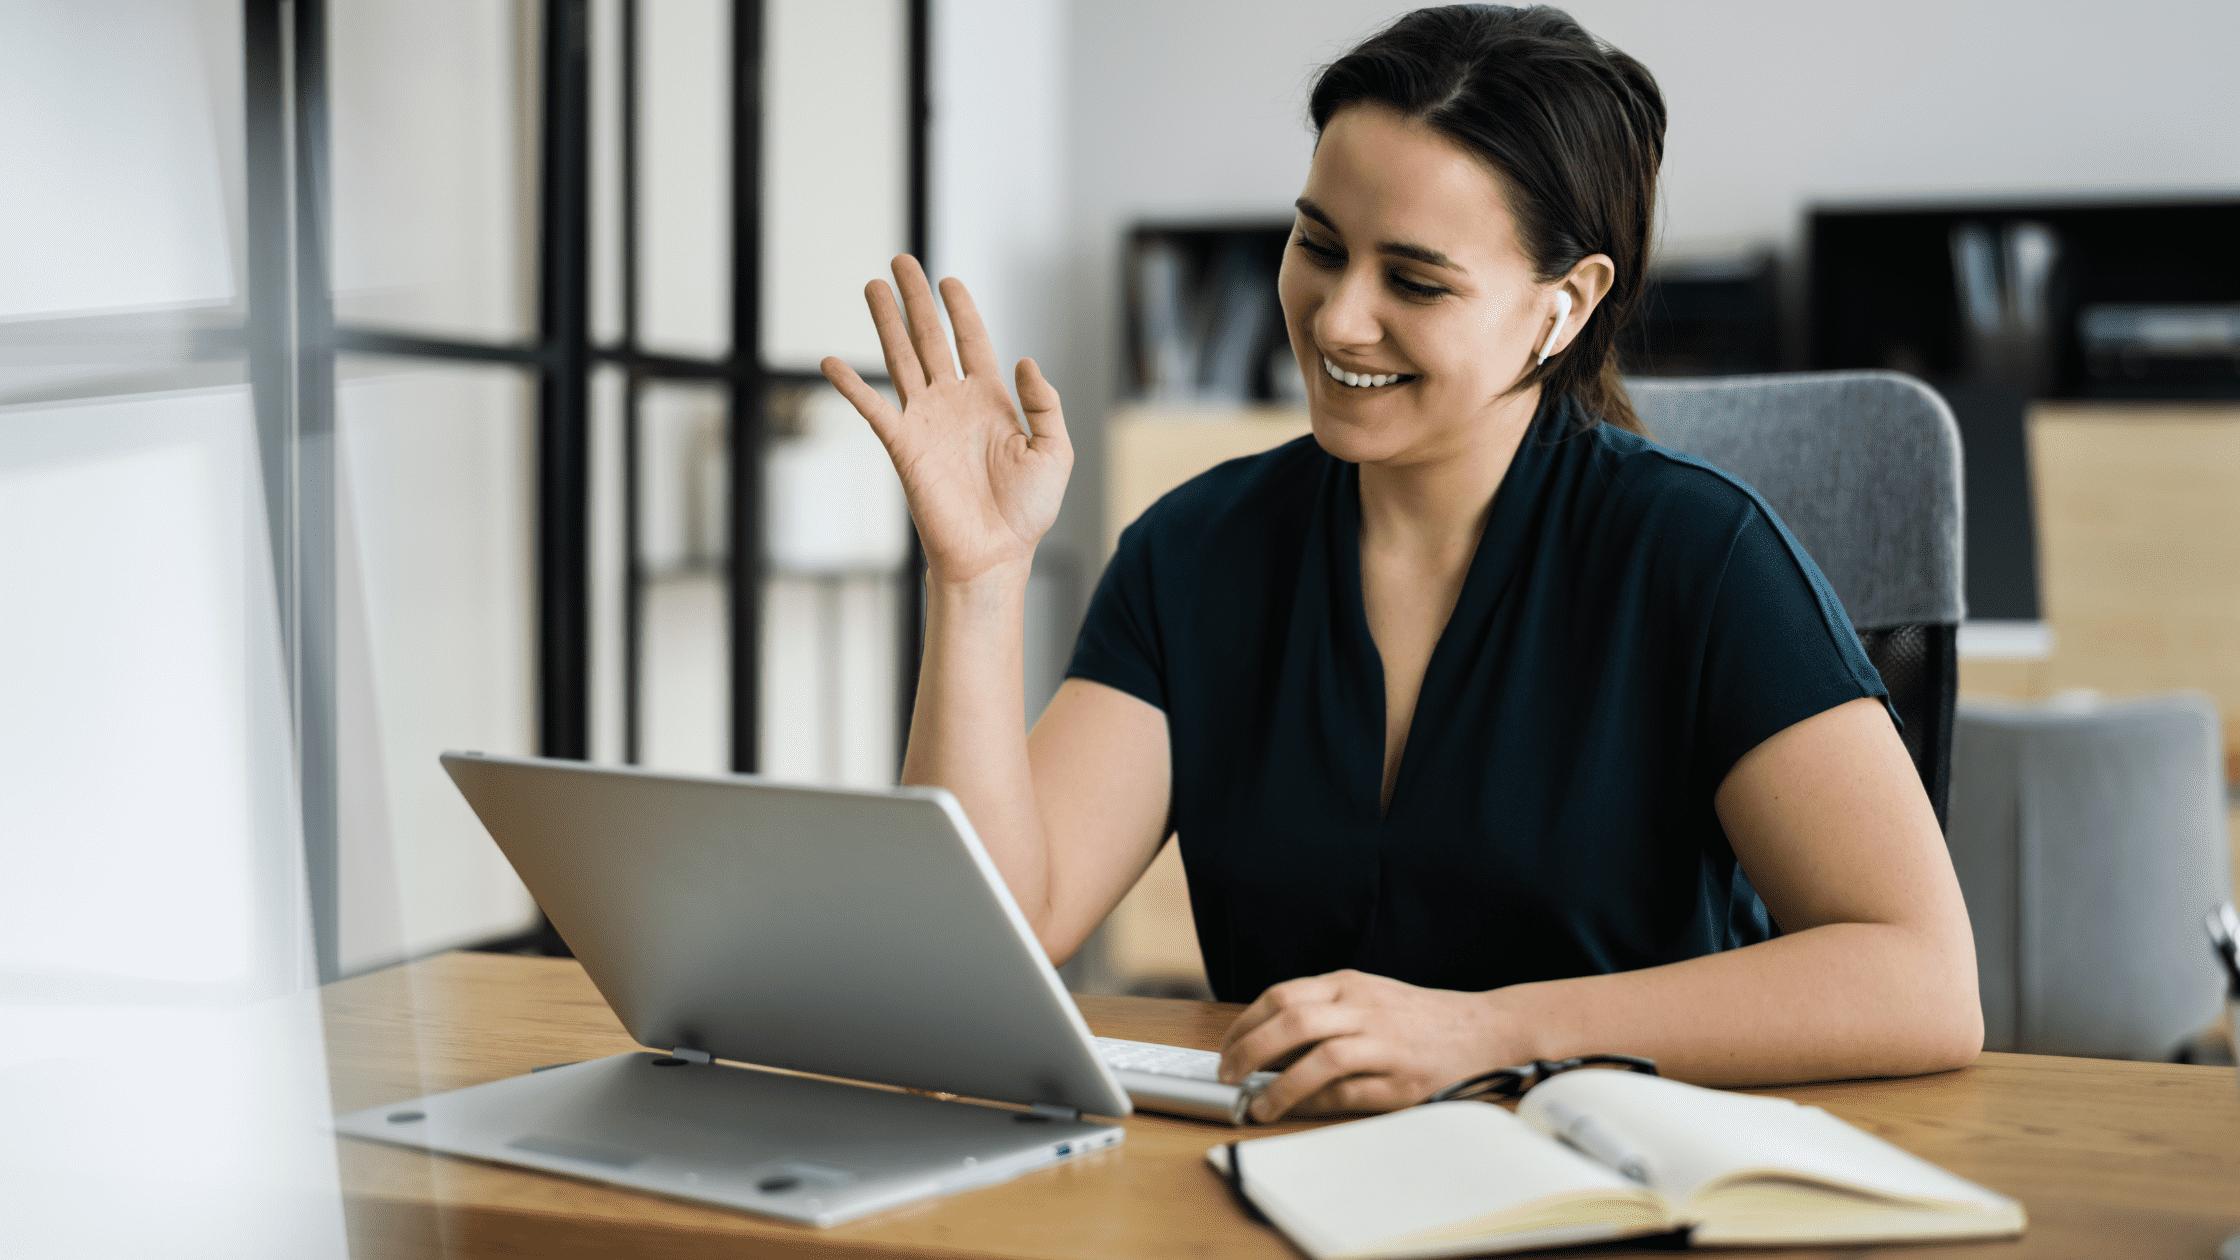 hiring-best-practices